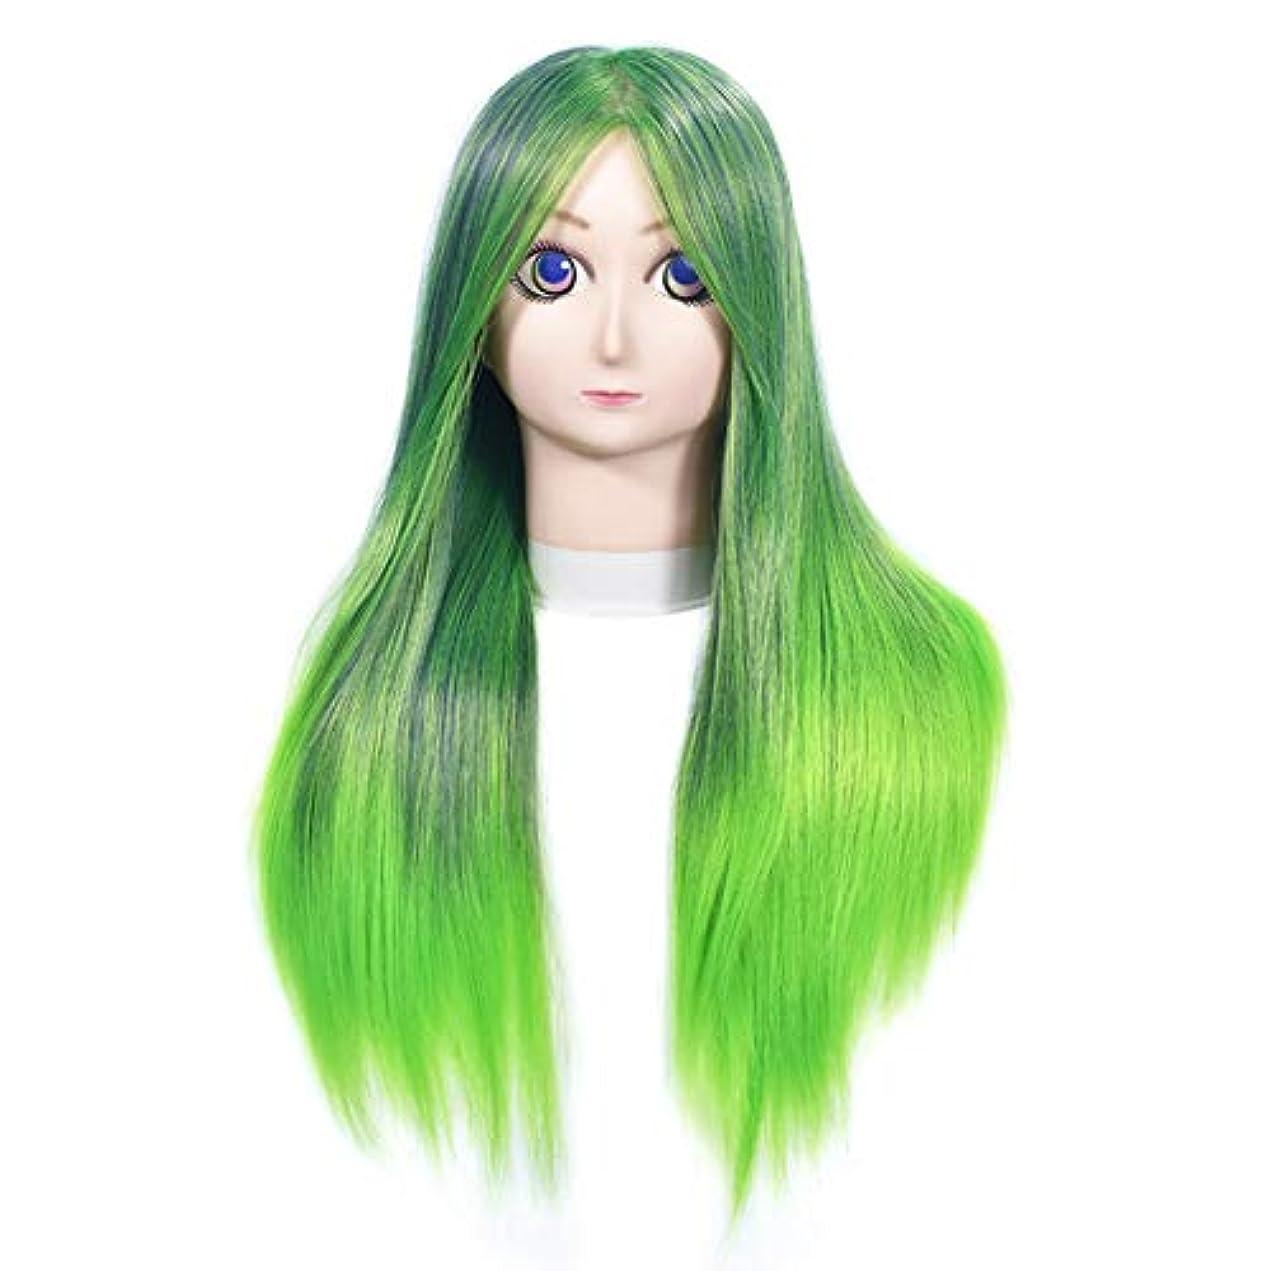 怠惰撤回する物足りない高温シルクヘアスタイリングモデルヘッド女性モデルヘッドティーチングヘッド理髪店編組髪染め学習ダミーヘッド,gradientgreen